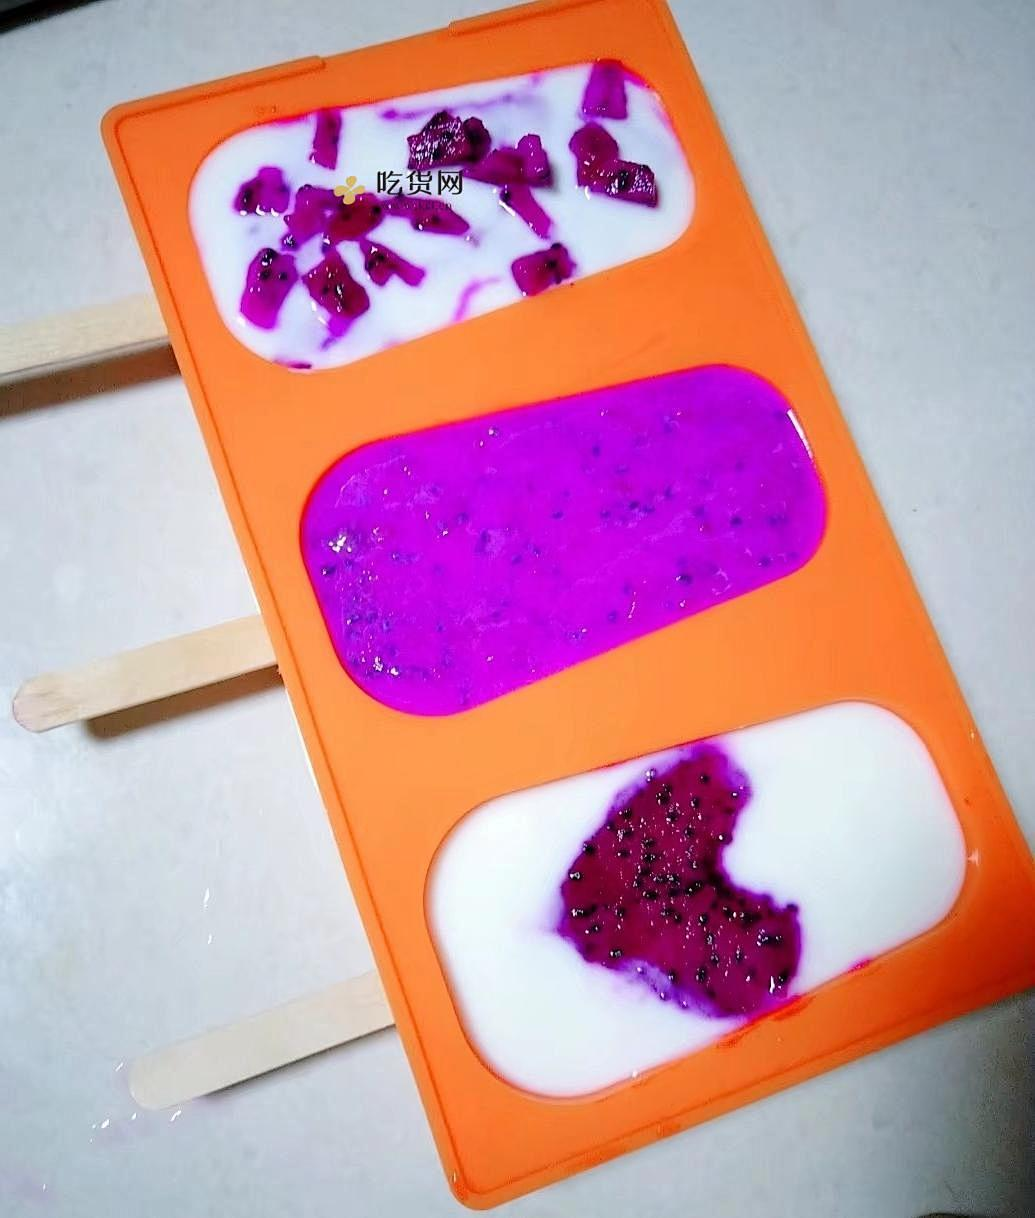 水果酸奶雪糕的做法 步骤2